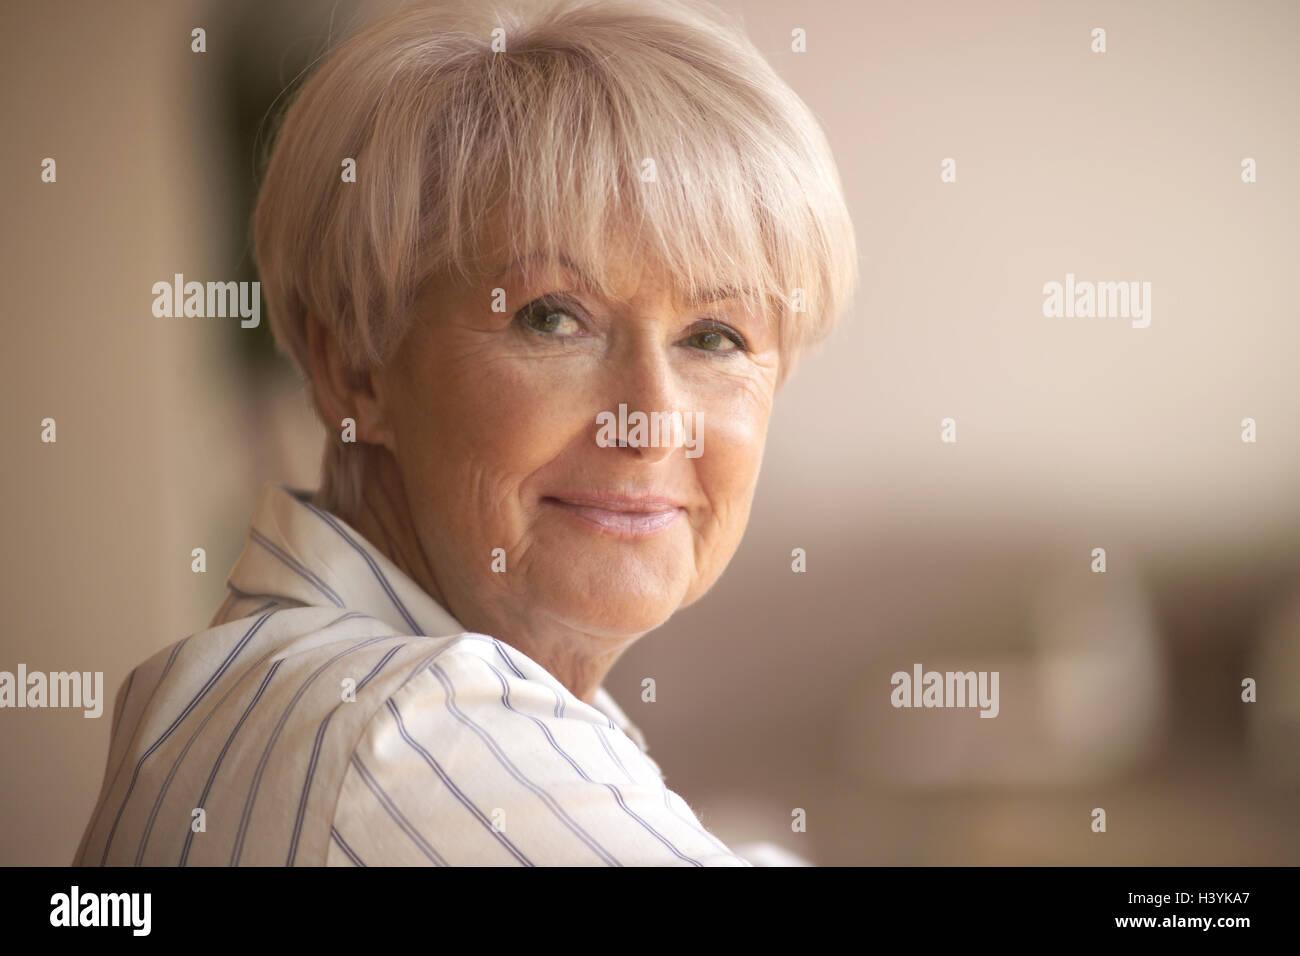 Rencontre femme 60 65 ans